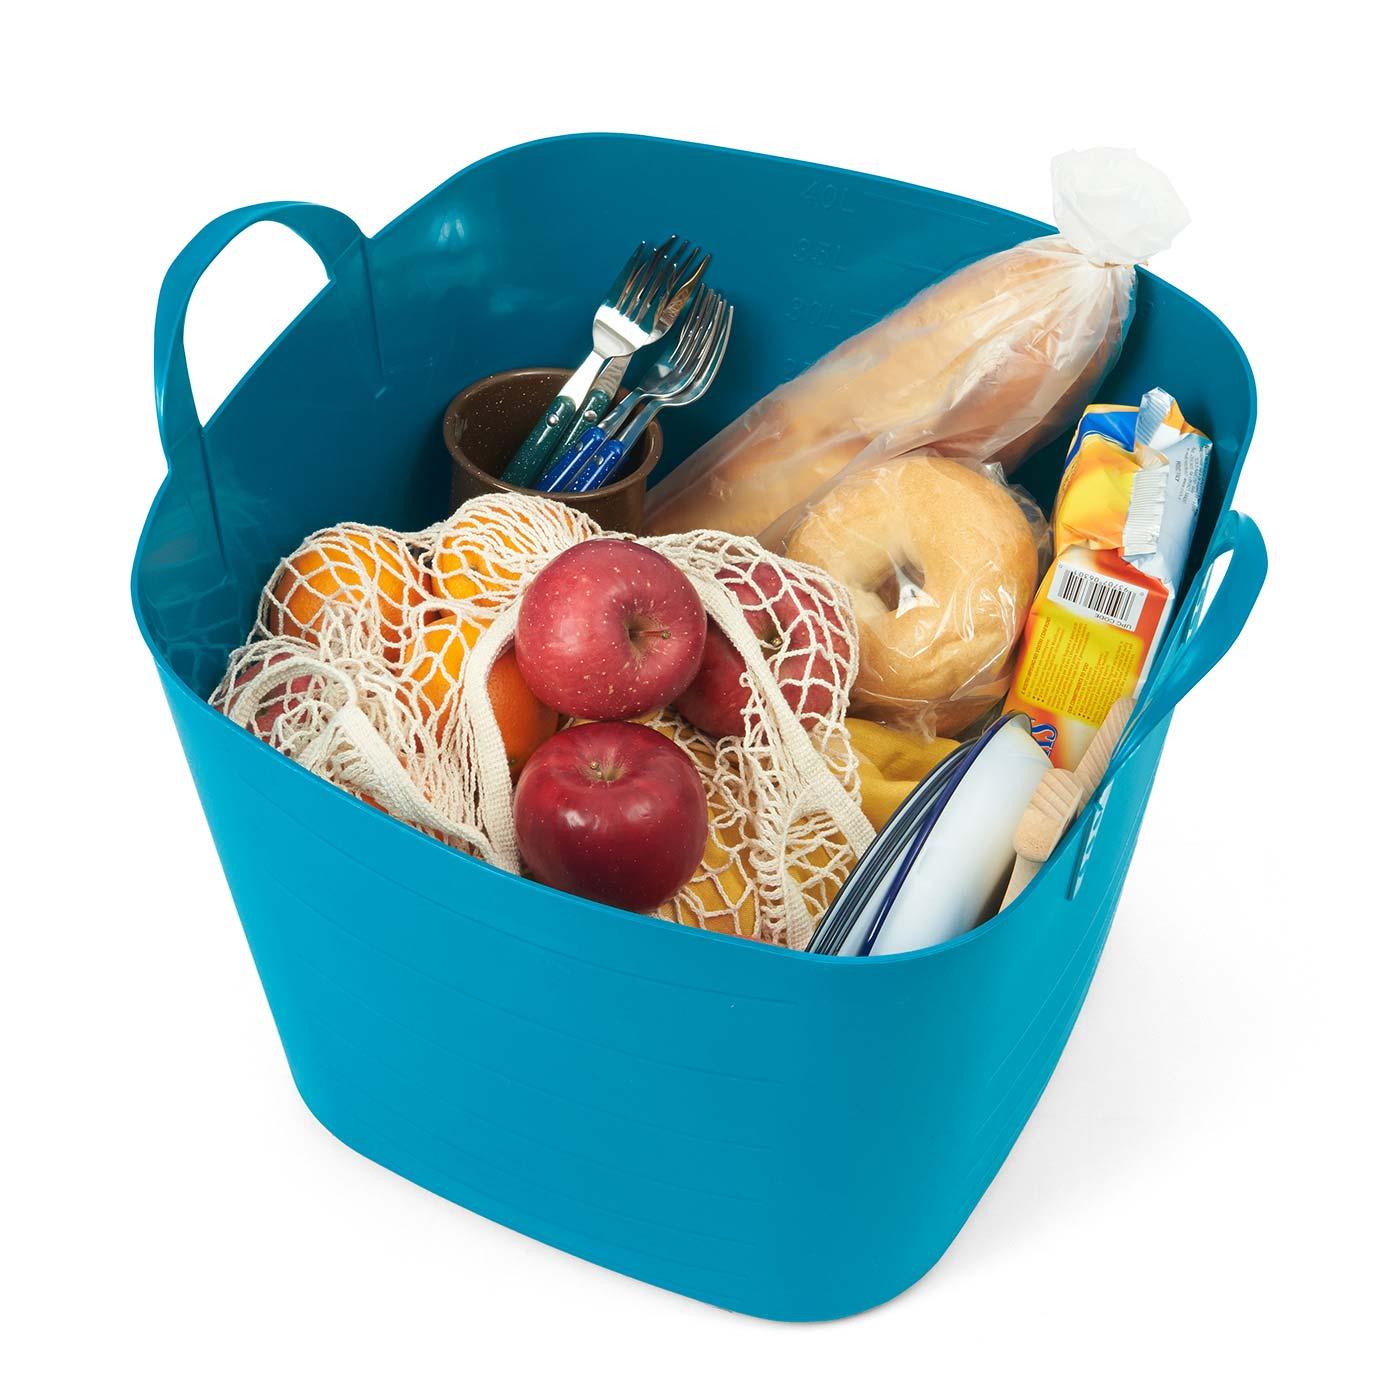 必要なものをガサッと入れるだけでピクニックの準備OK!